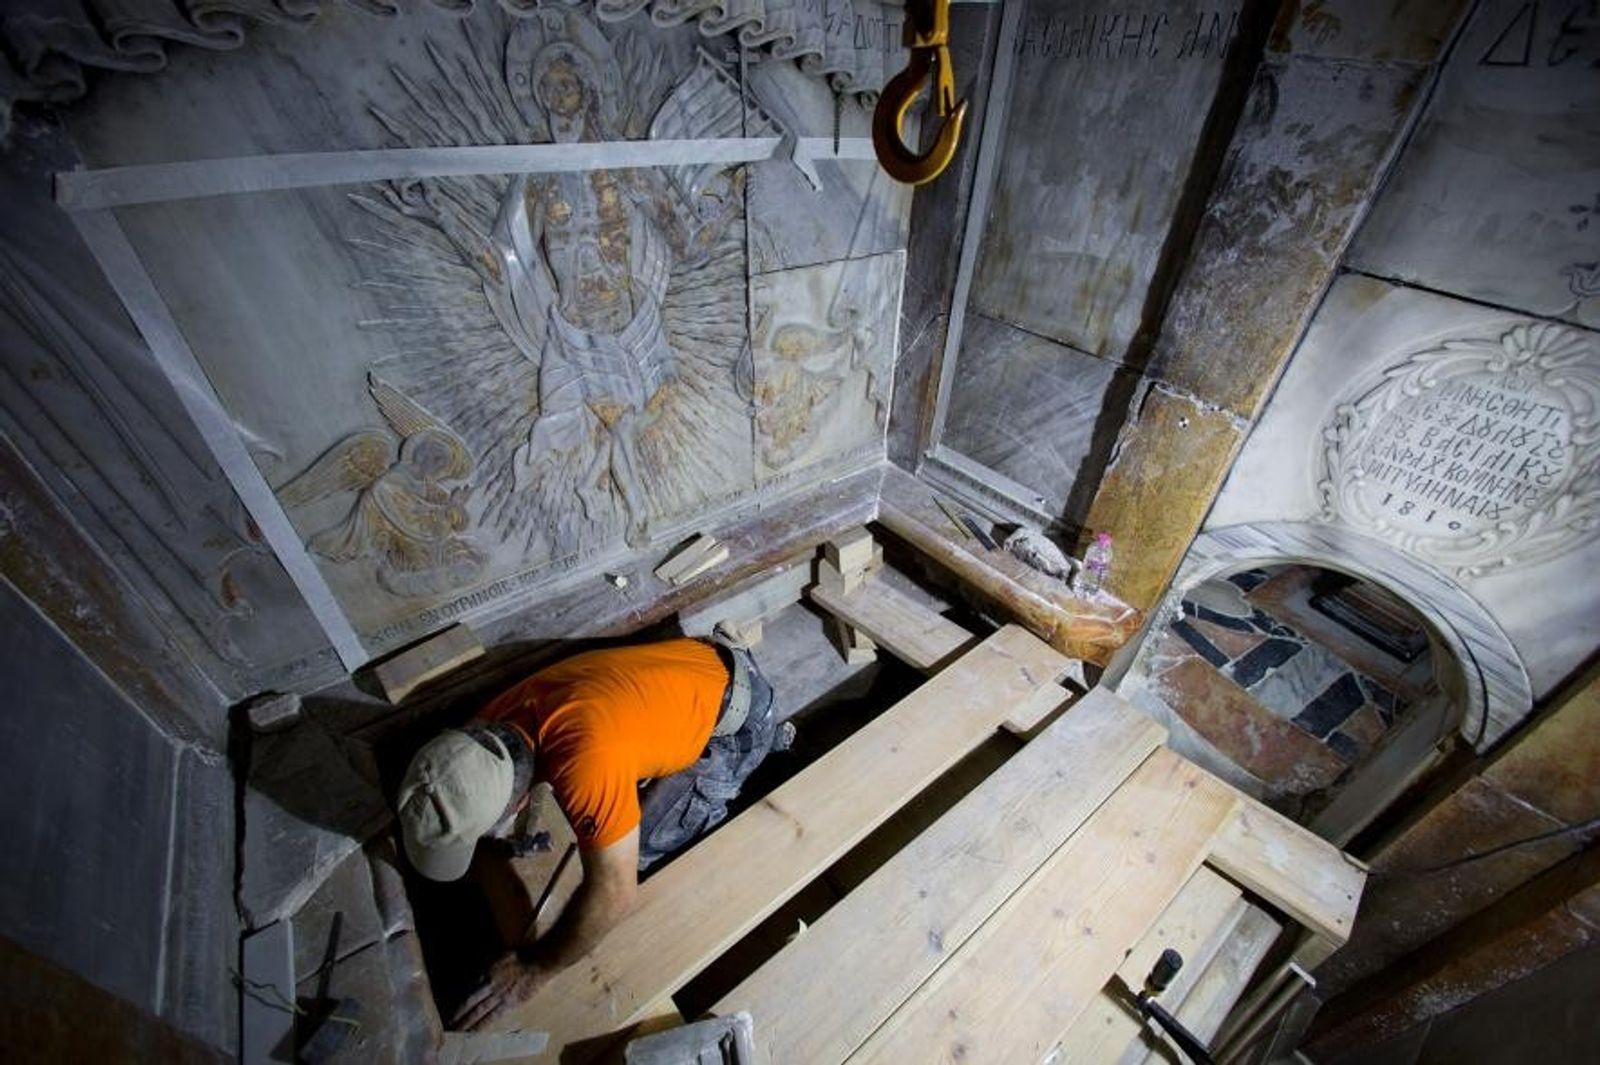 Un conservateur nettoie la surface de la stèle de pierre qui abriterait le lieu de sépulture ...